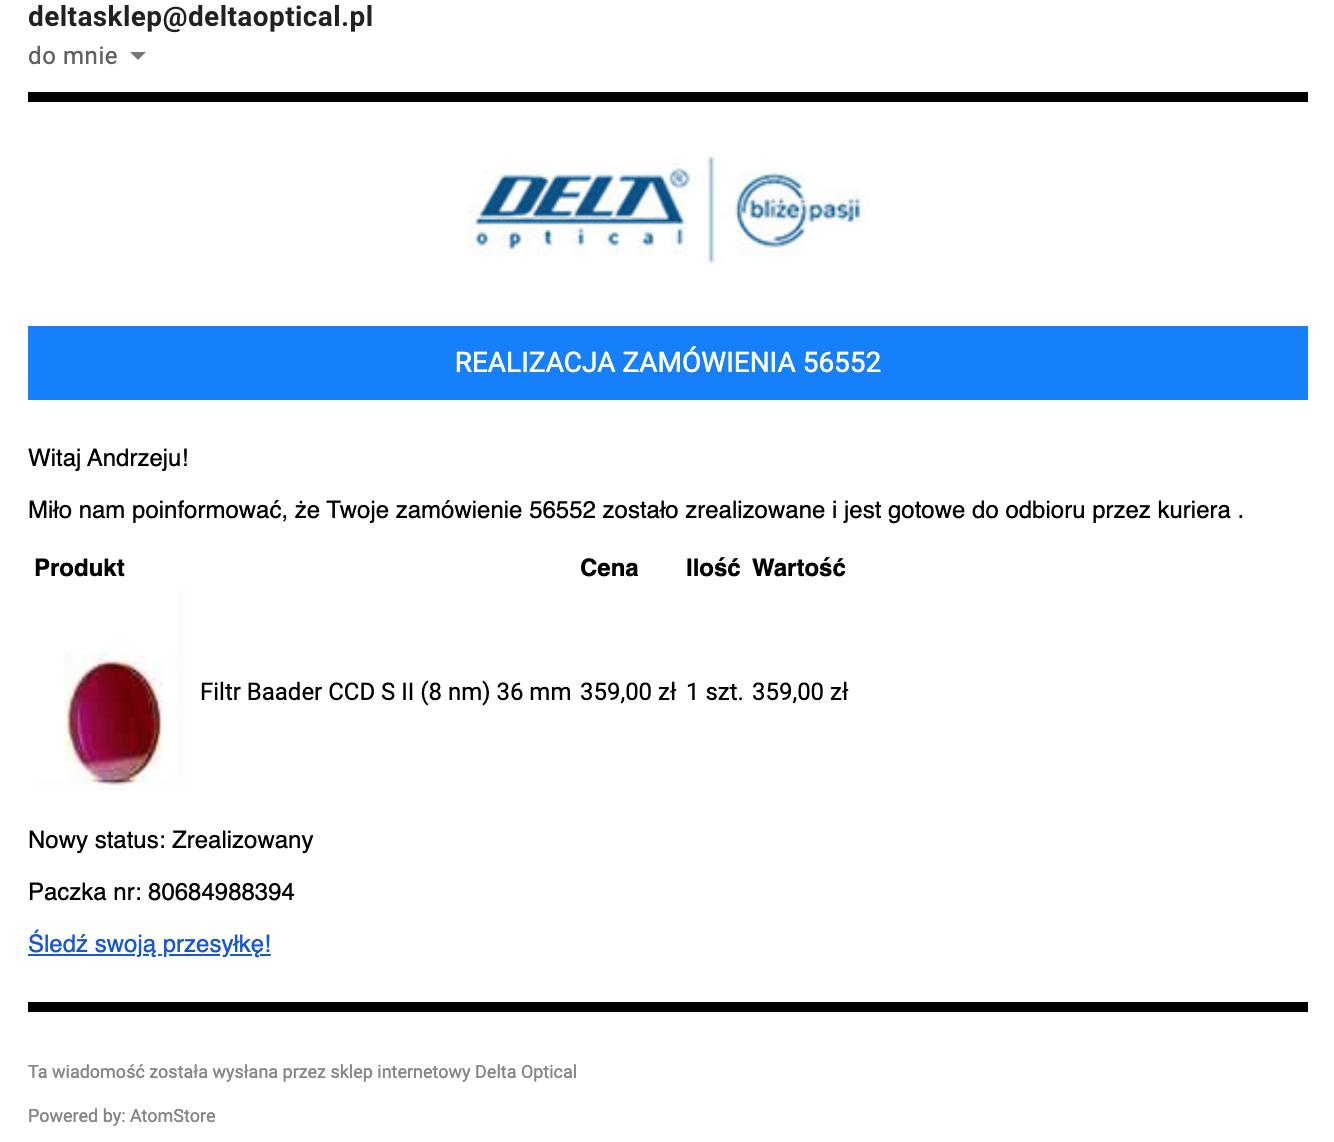 Zrzut ekranu 2021-01-21 o 14.45.06.png